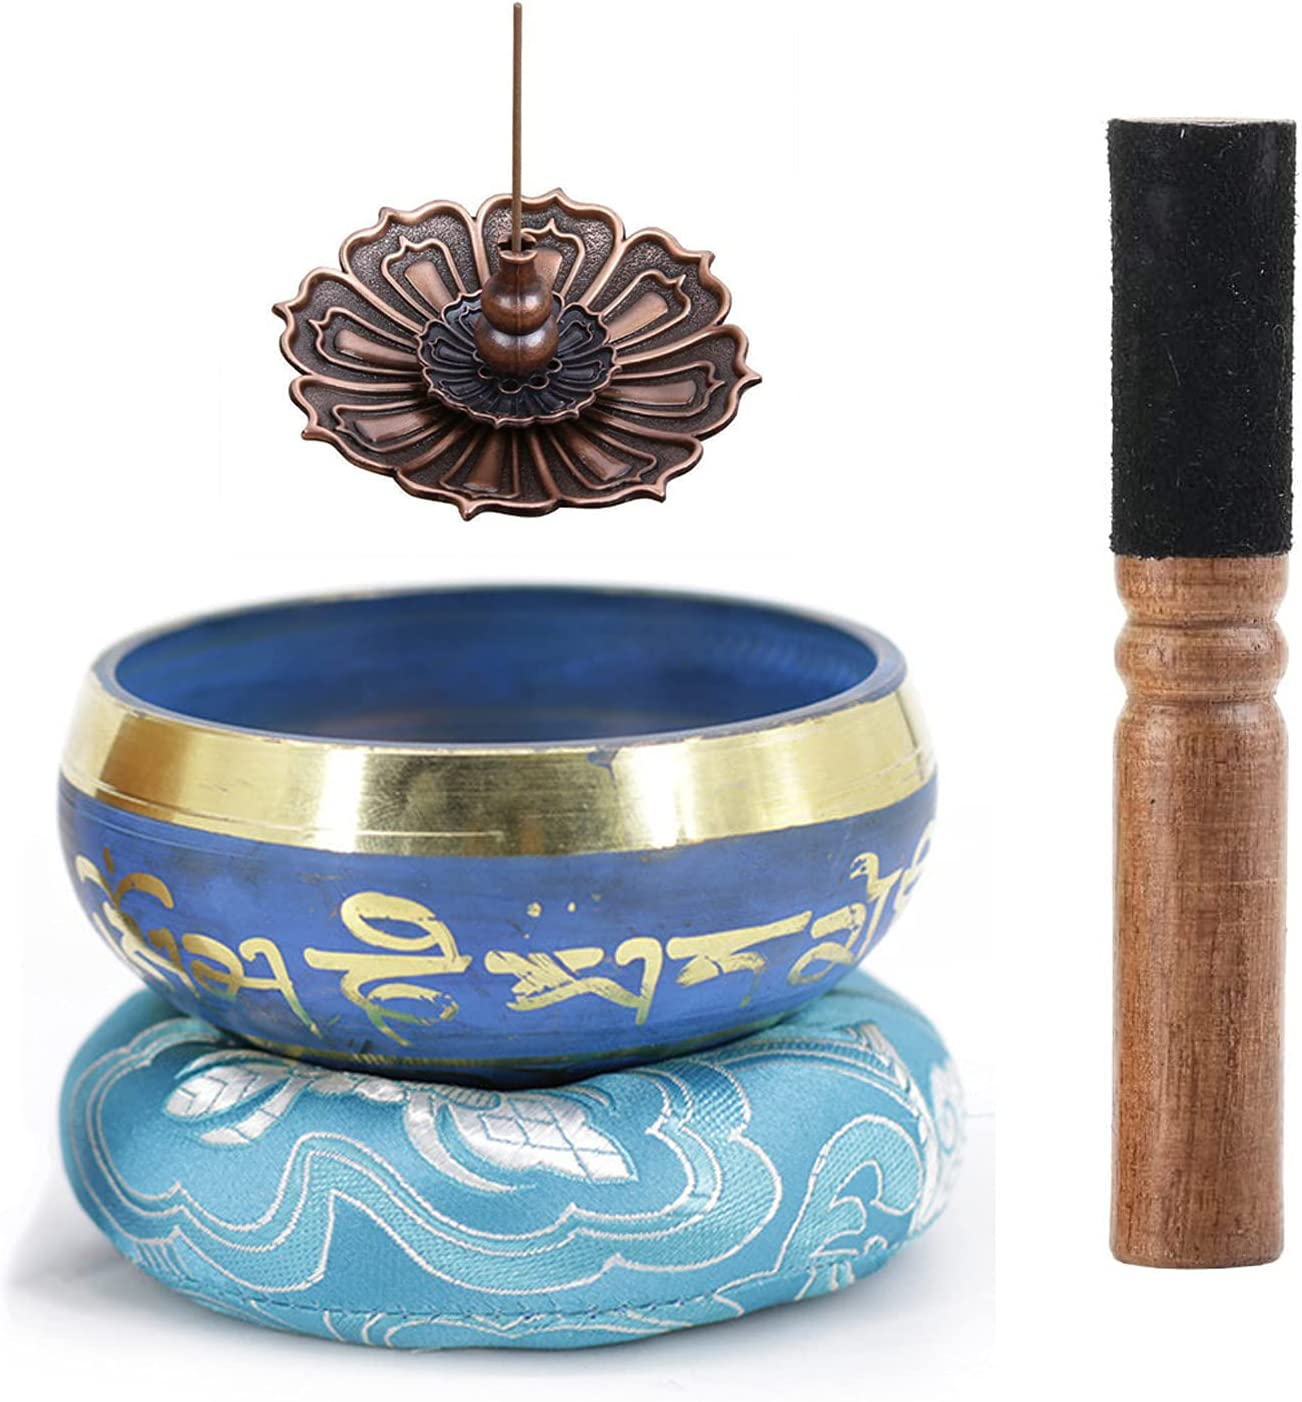 Cuenco Tibetano, RoseFlower Juego De Cuencos Tibetanos para la Meditación Chakra Healing, Oración, Yoga, Budismo -Incluye un Cojín y la Baqueta, Quemador De Incienso Lotus